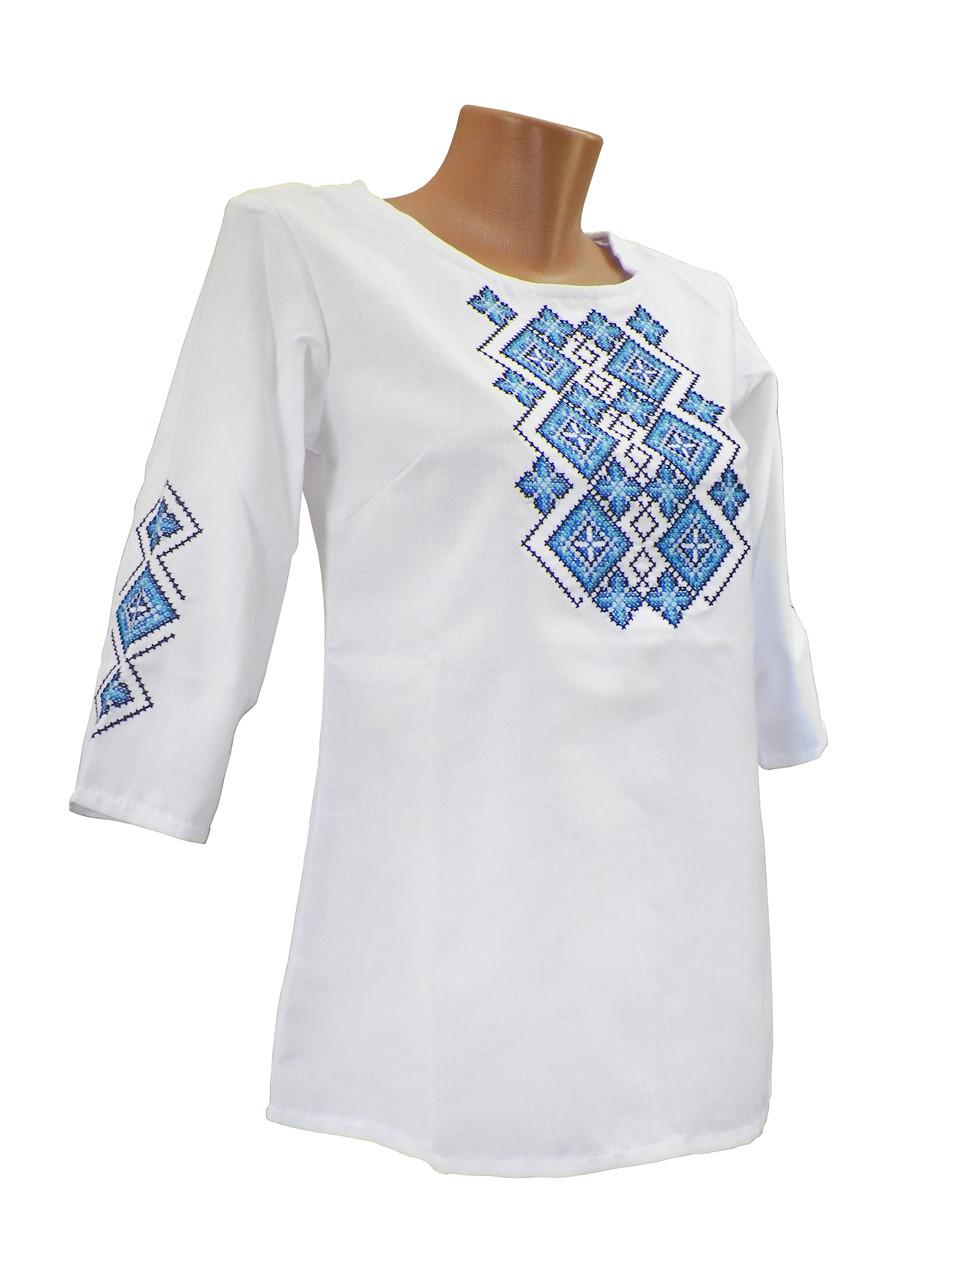 Женская вышитая рубашка с широкой горловиной в белом цвете с домотканого полотна